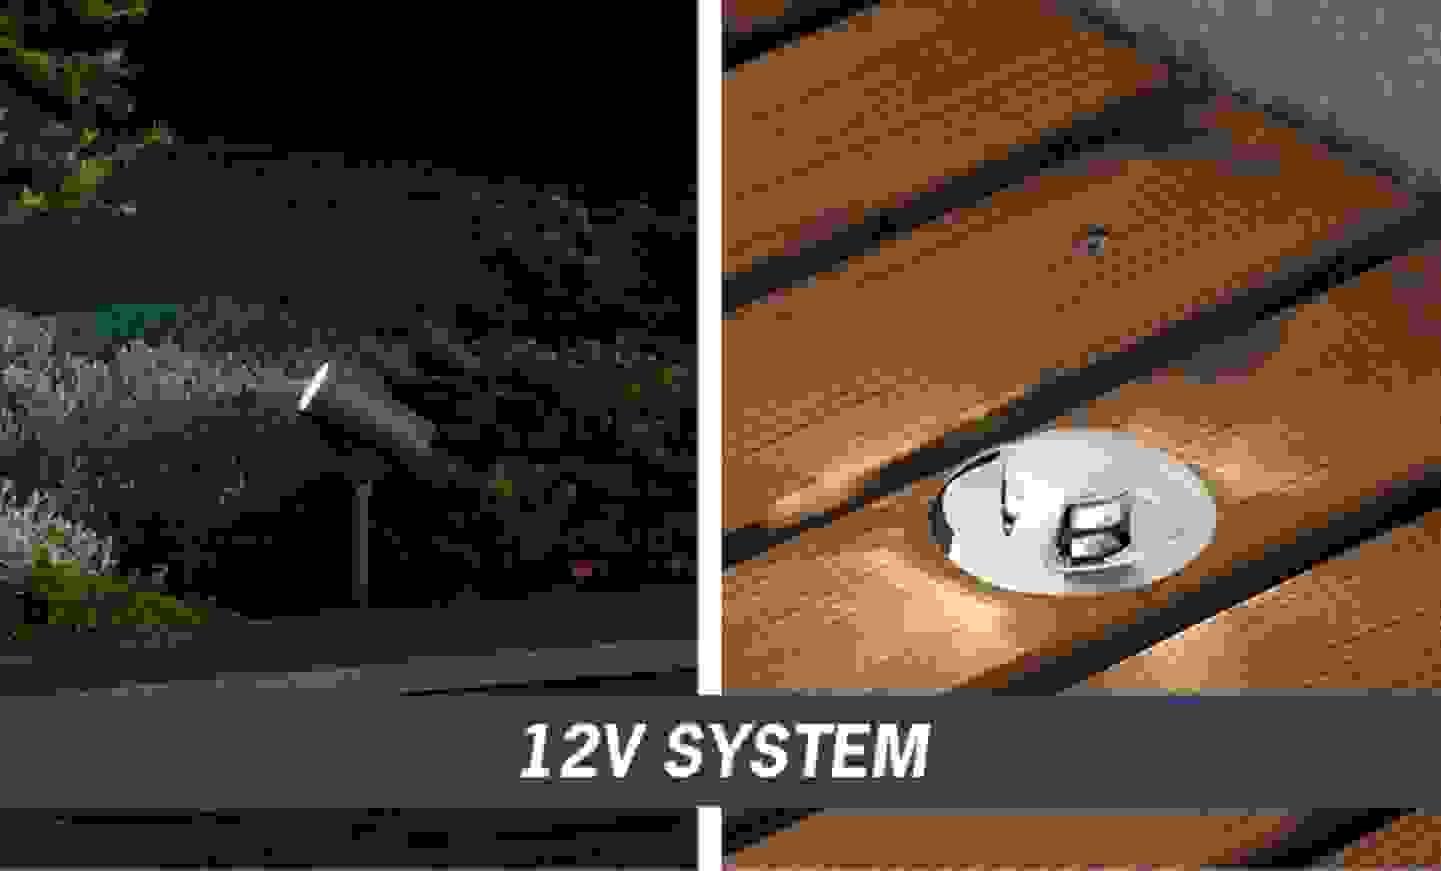 12V System